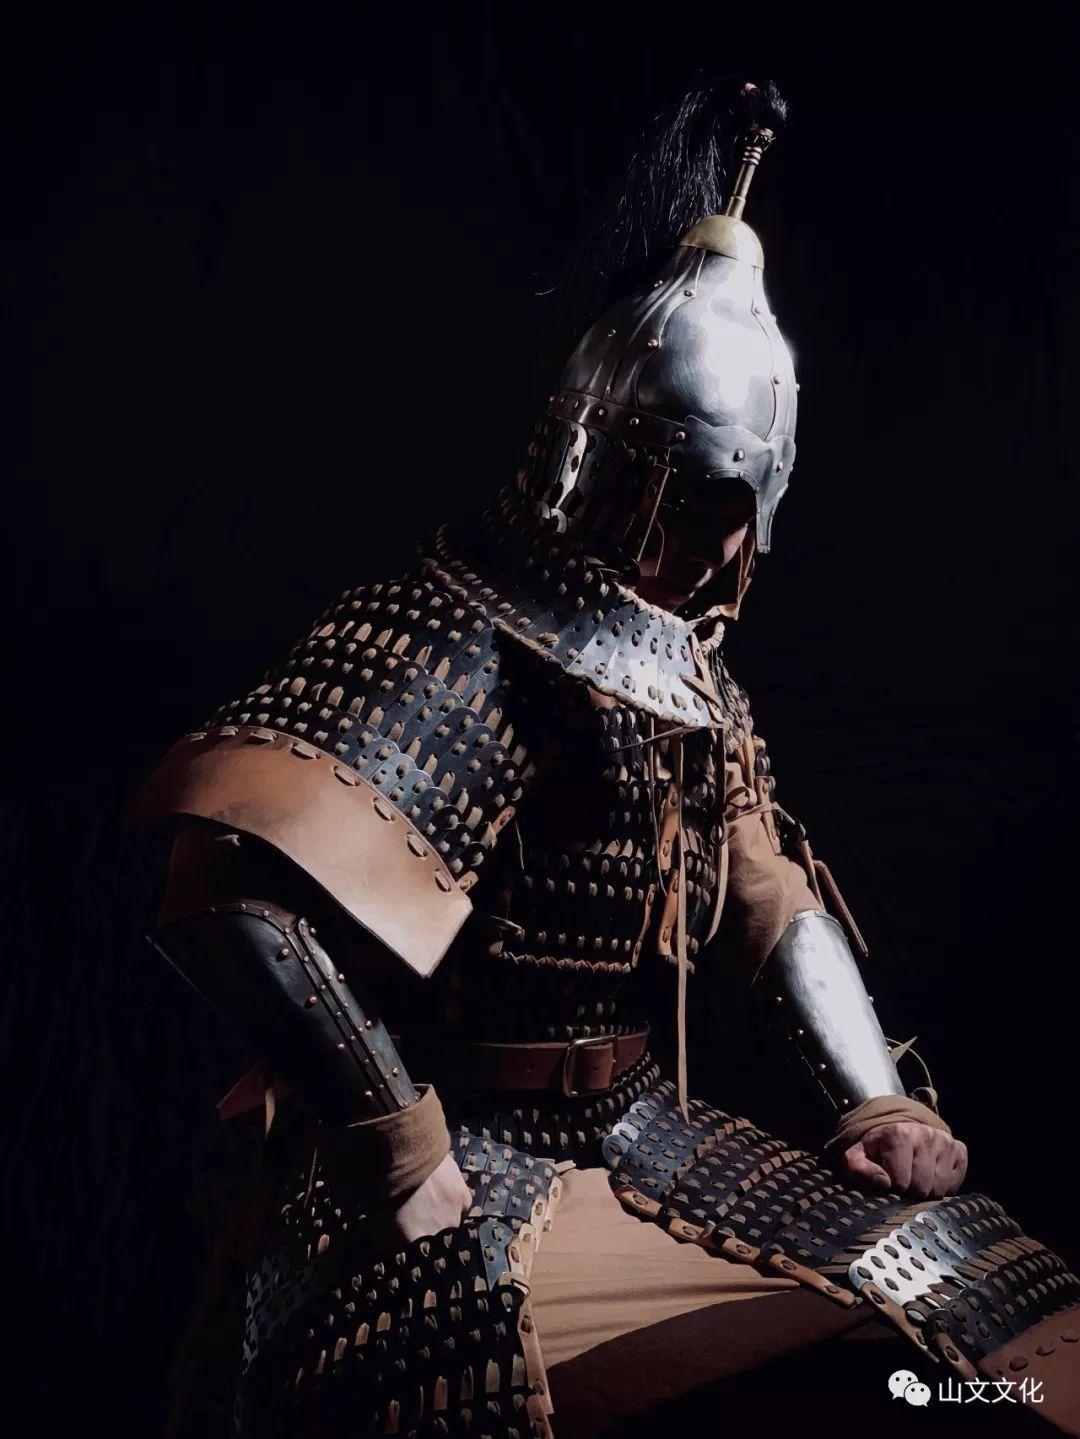 噔,盔甲出炉了   蒙古帝国胸背阔板铁札甲 第8张